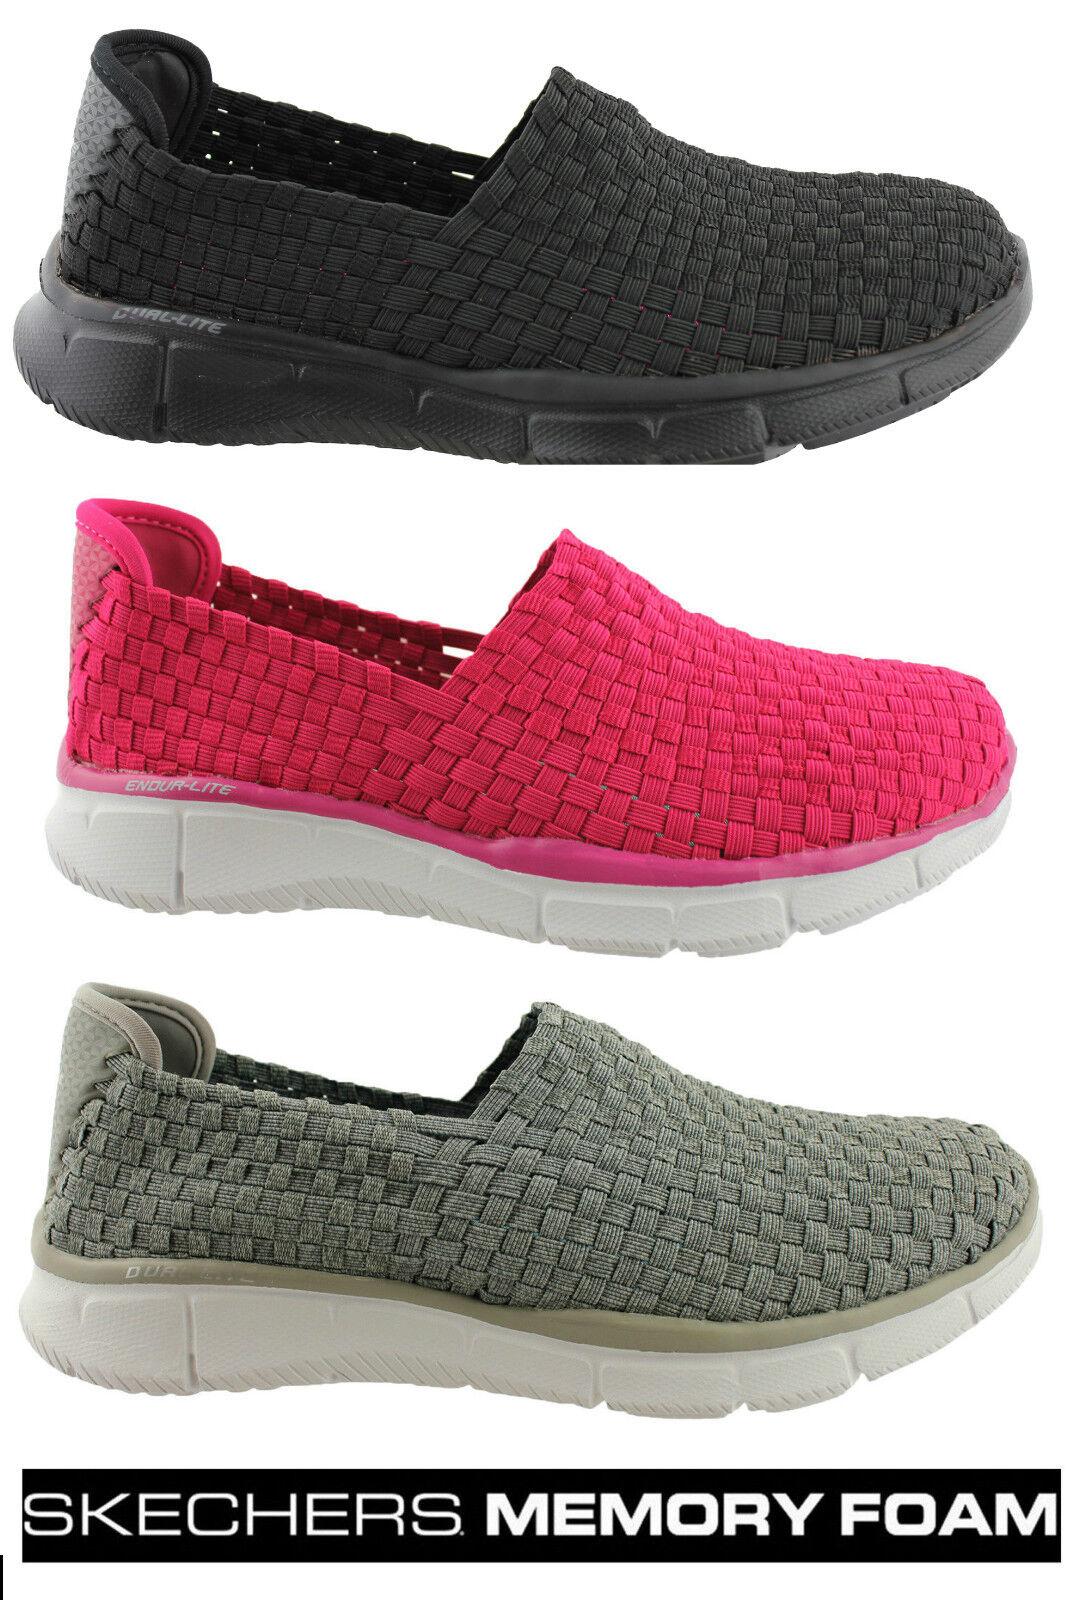 skechers walking shoes with memory foam. item specifics skechers walking shoes with memory foam